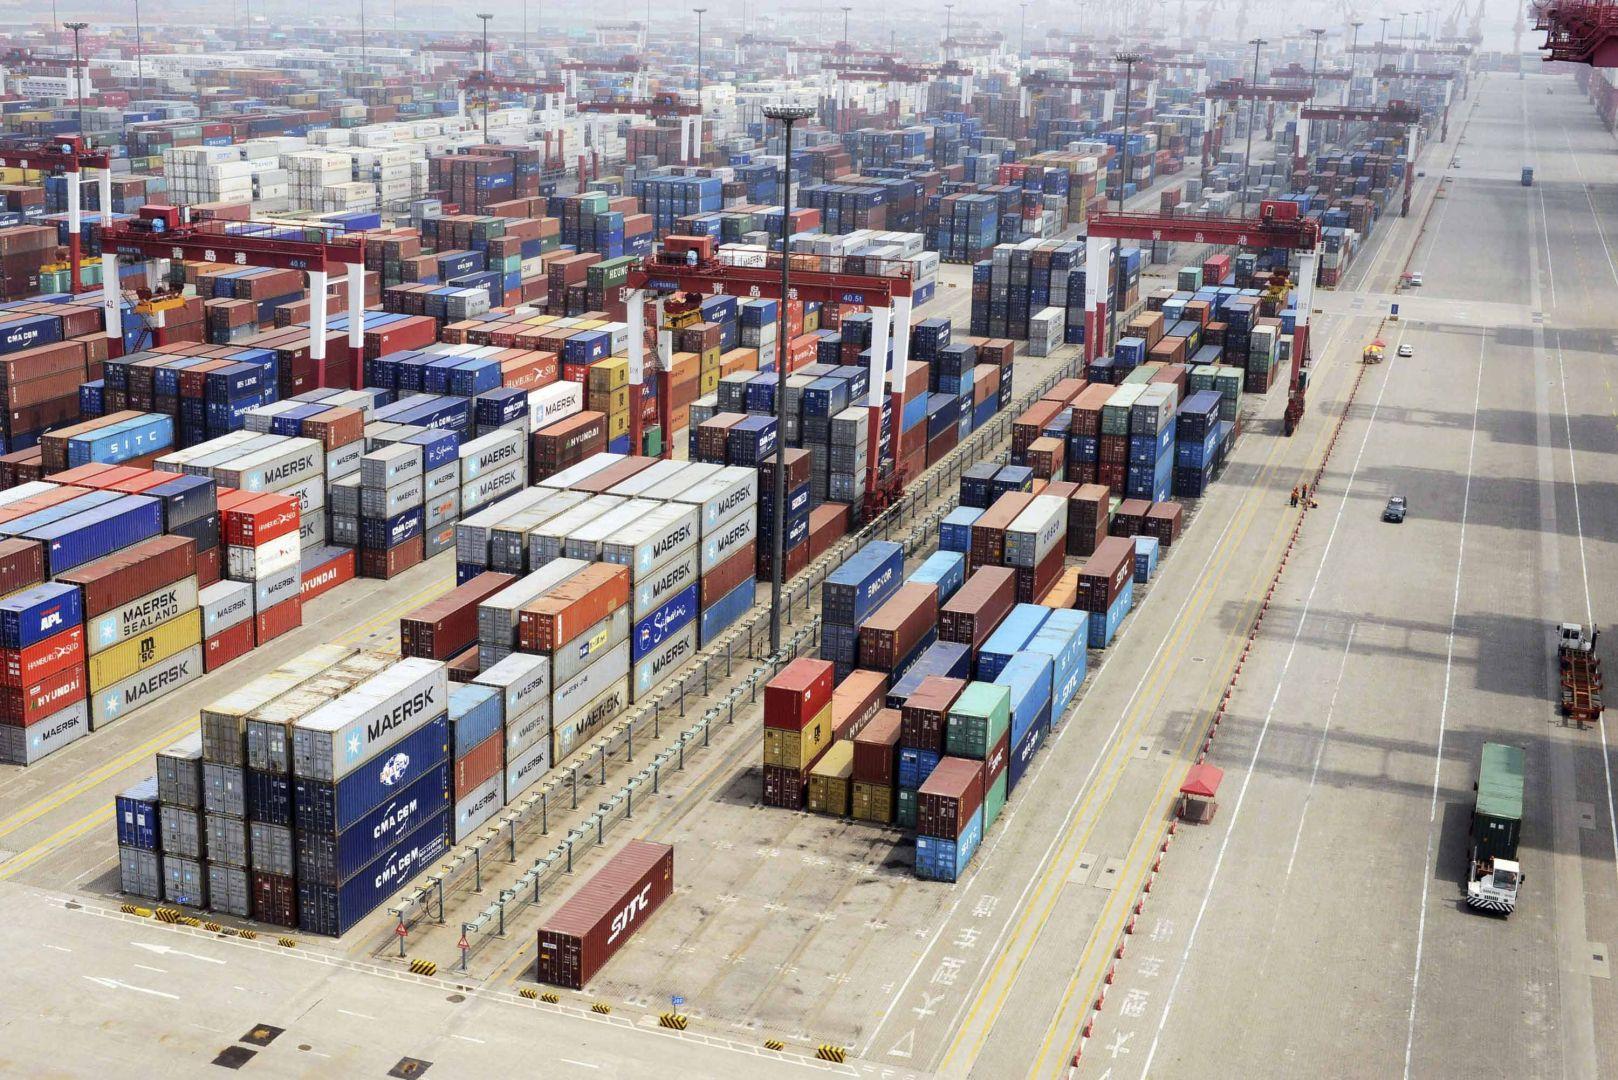 2016中国失去头号货物贸易国地位 与汇率波动有关